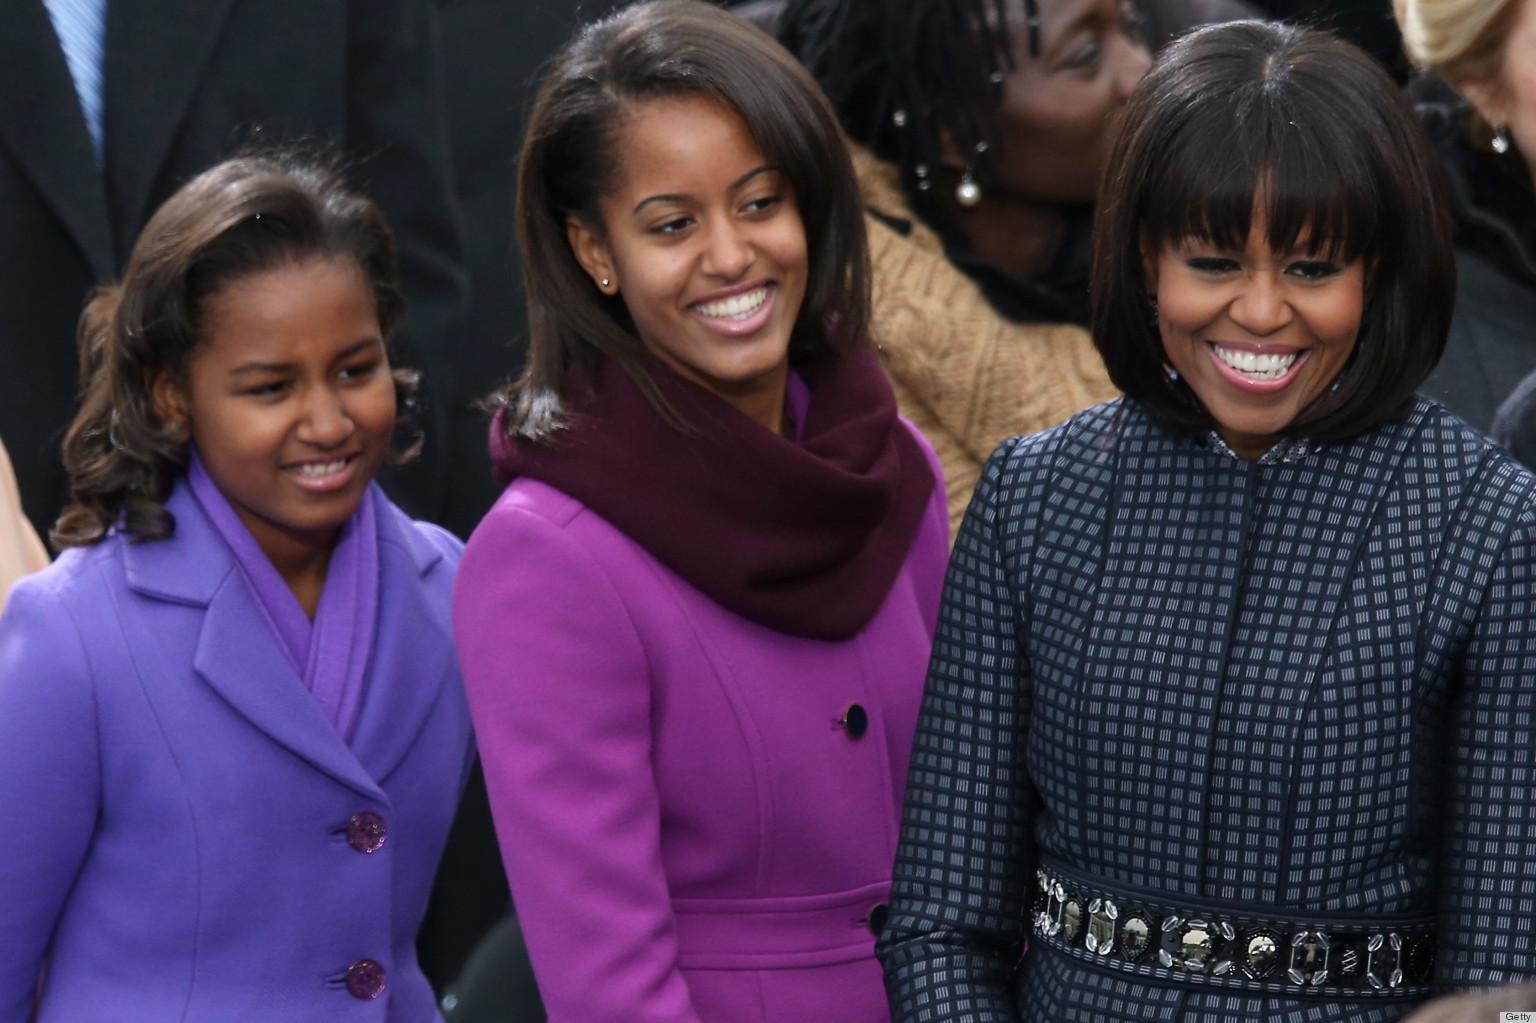 Sasha and malia inauguration pictures